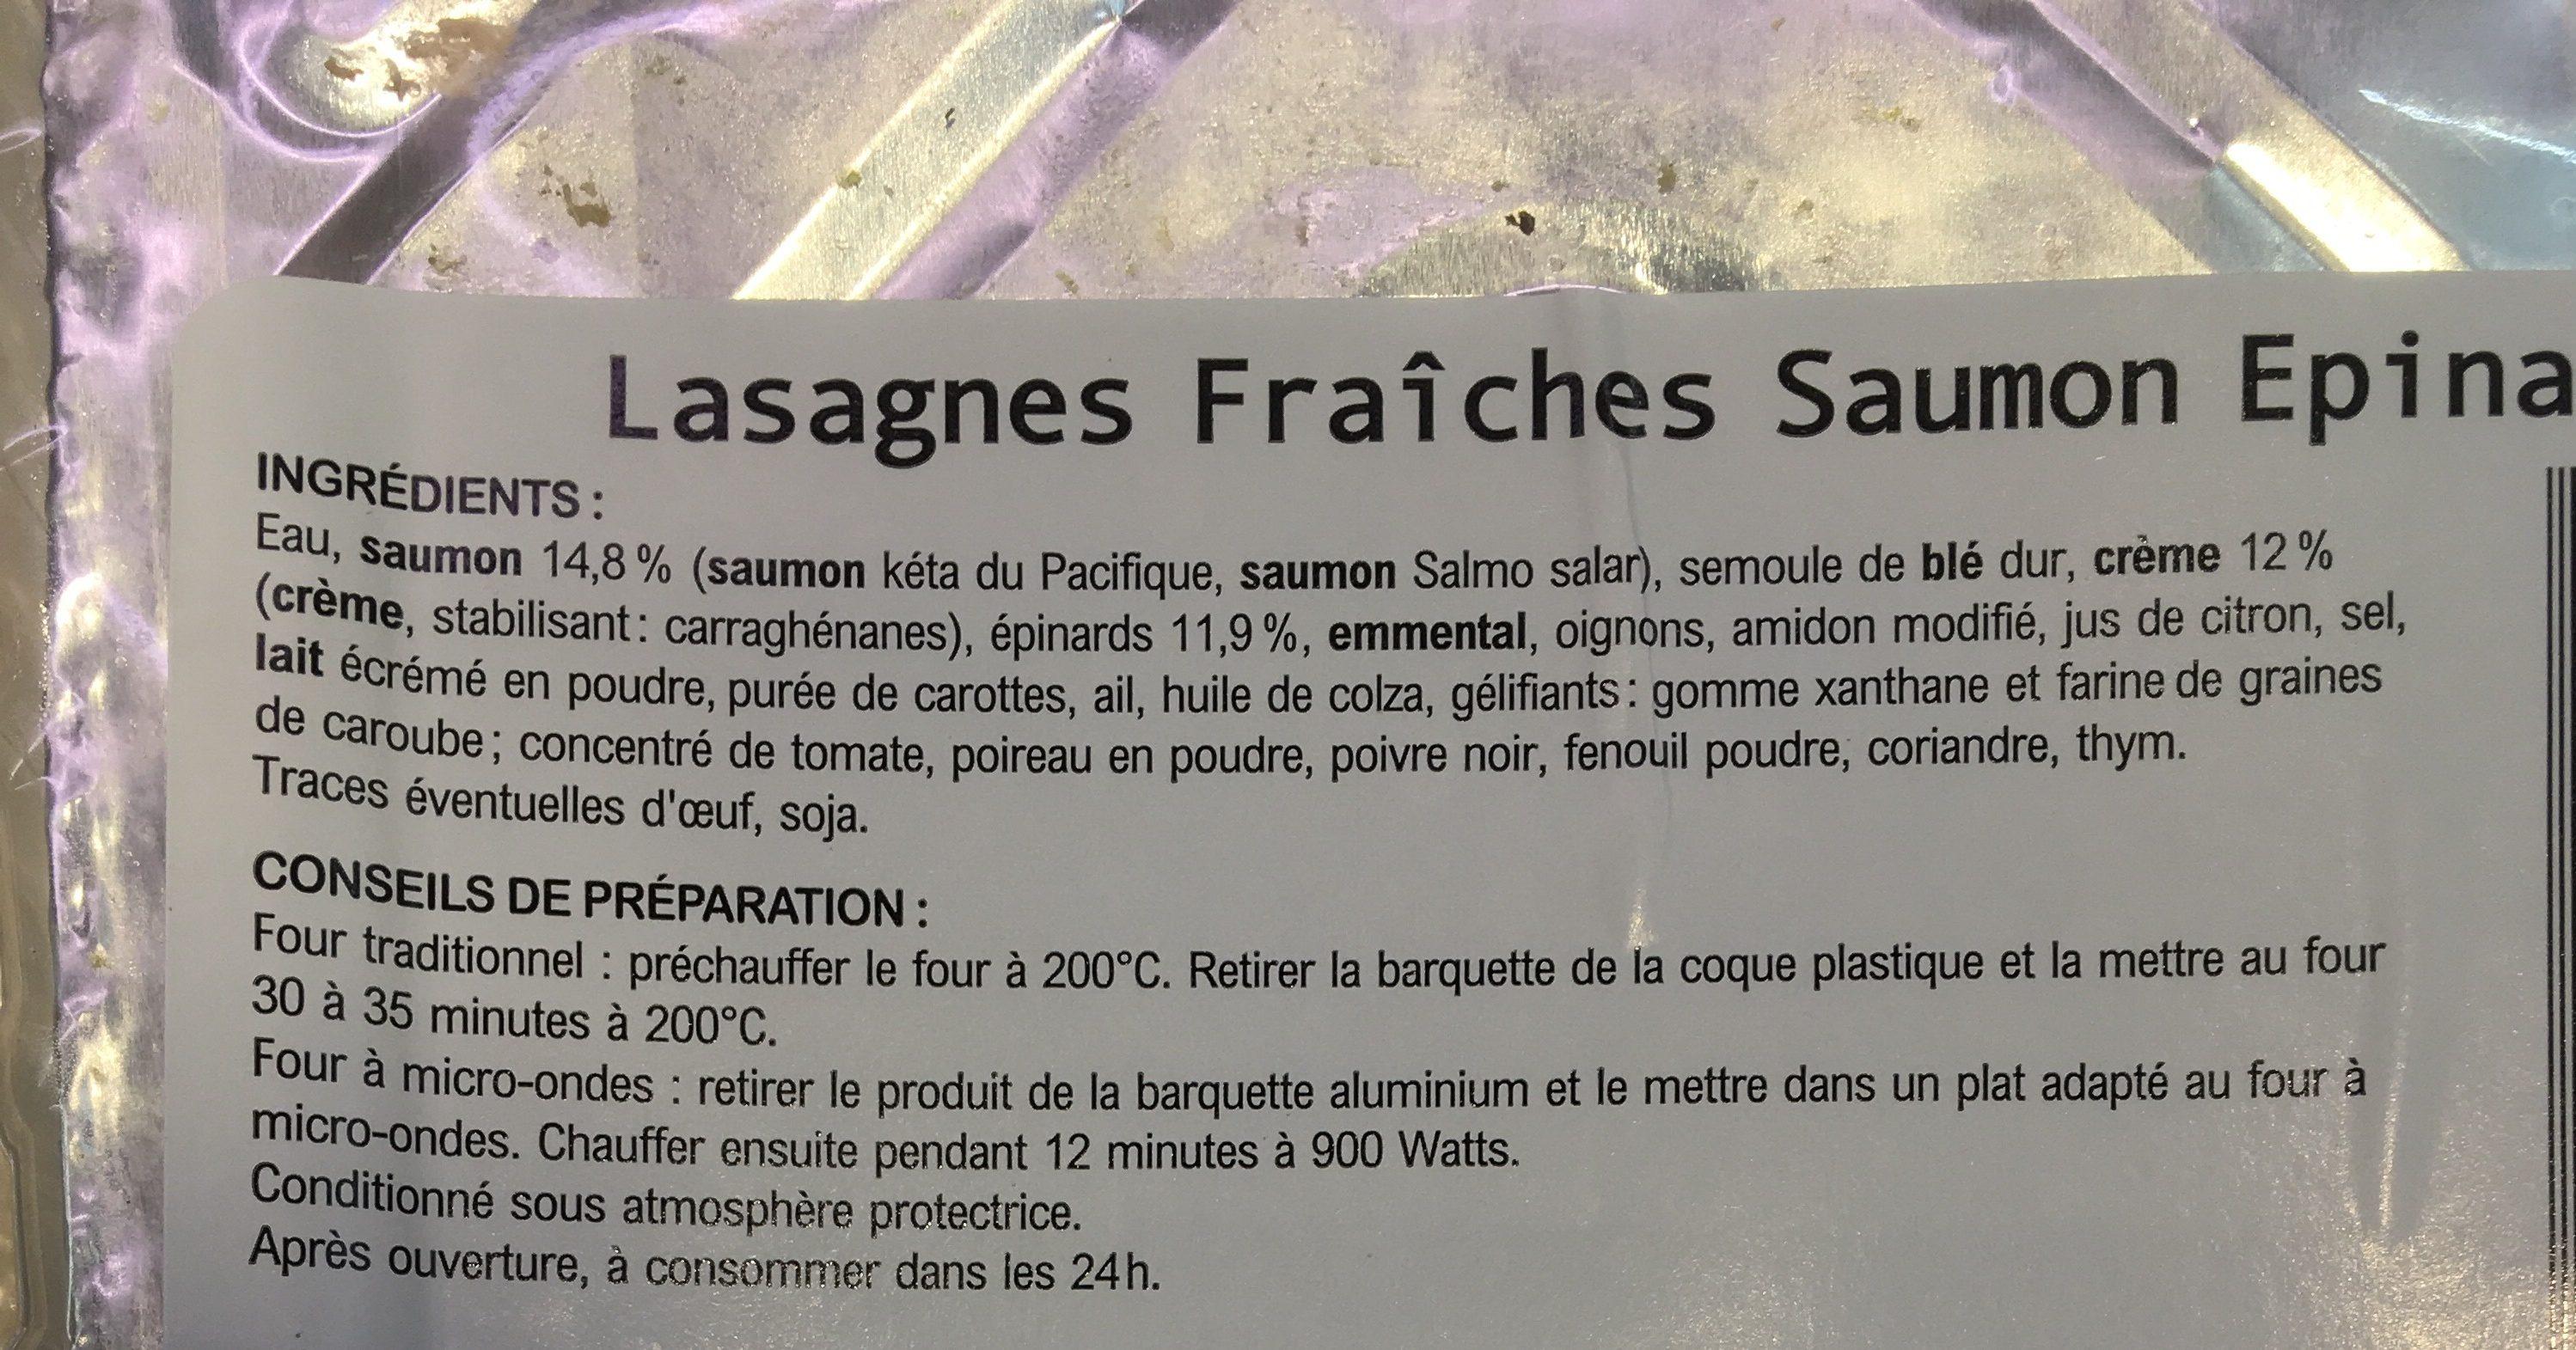 Lasagnes fraîches saumon épinards - Ingredients - fr